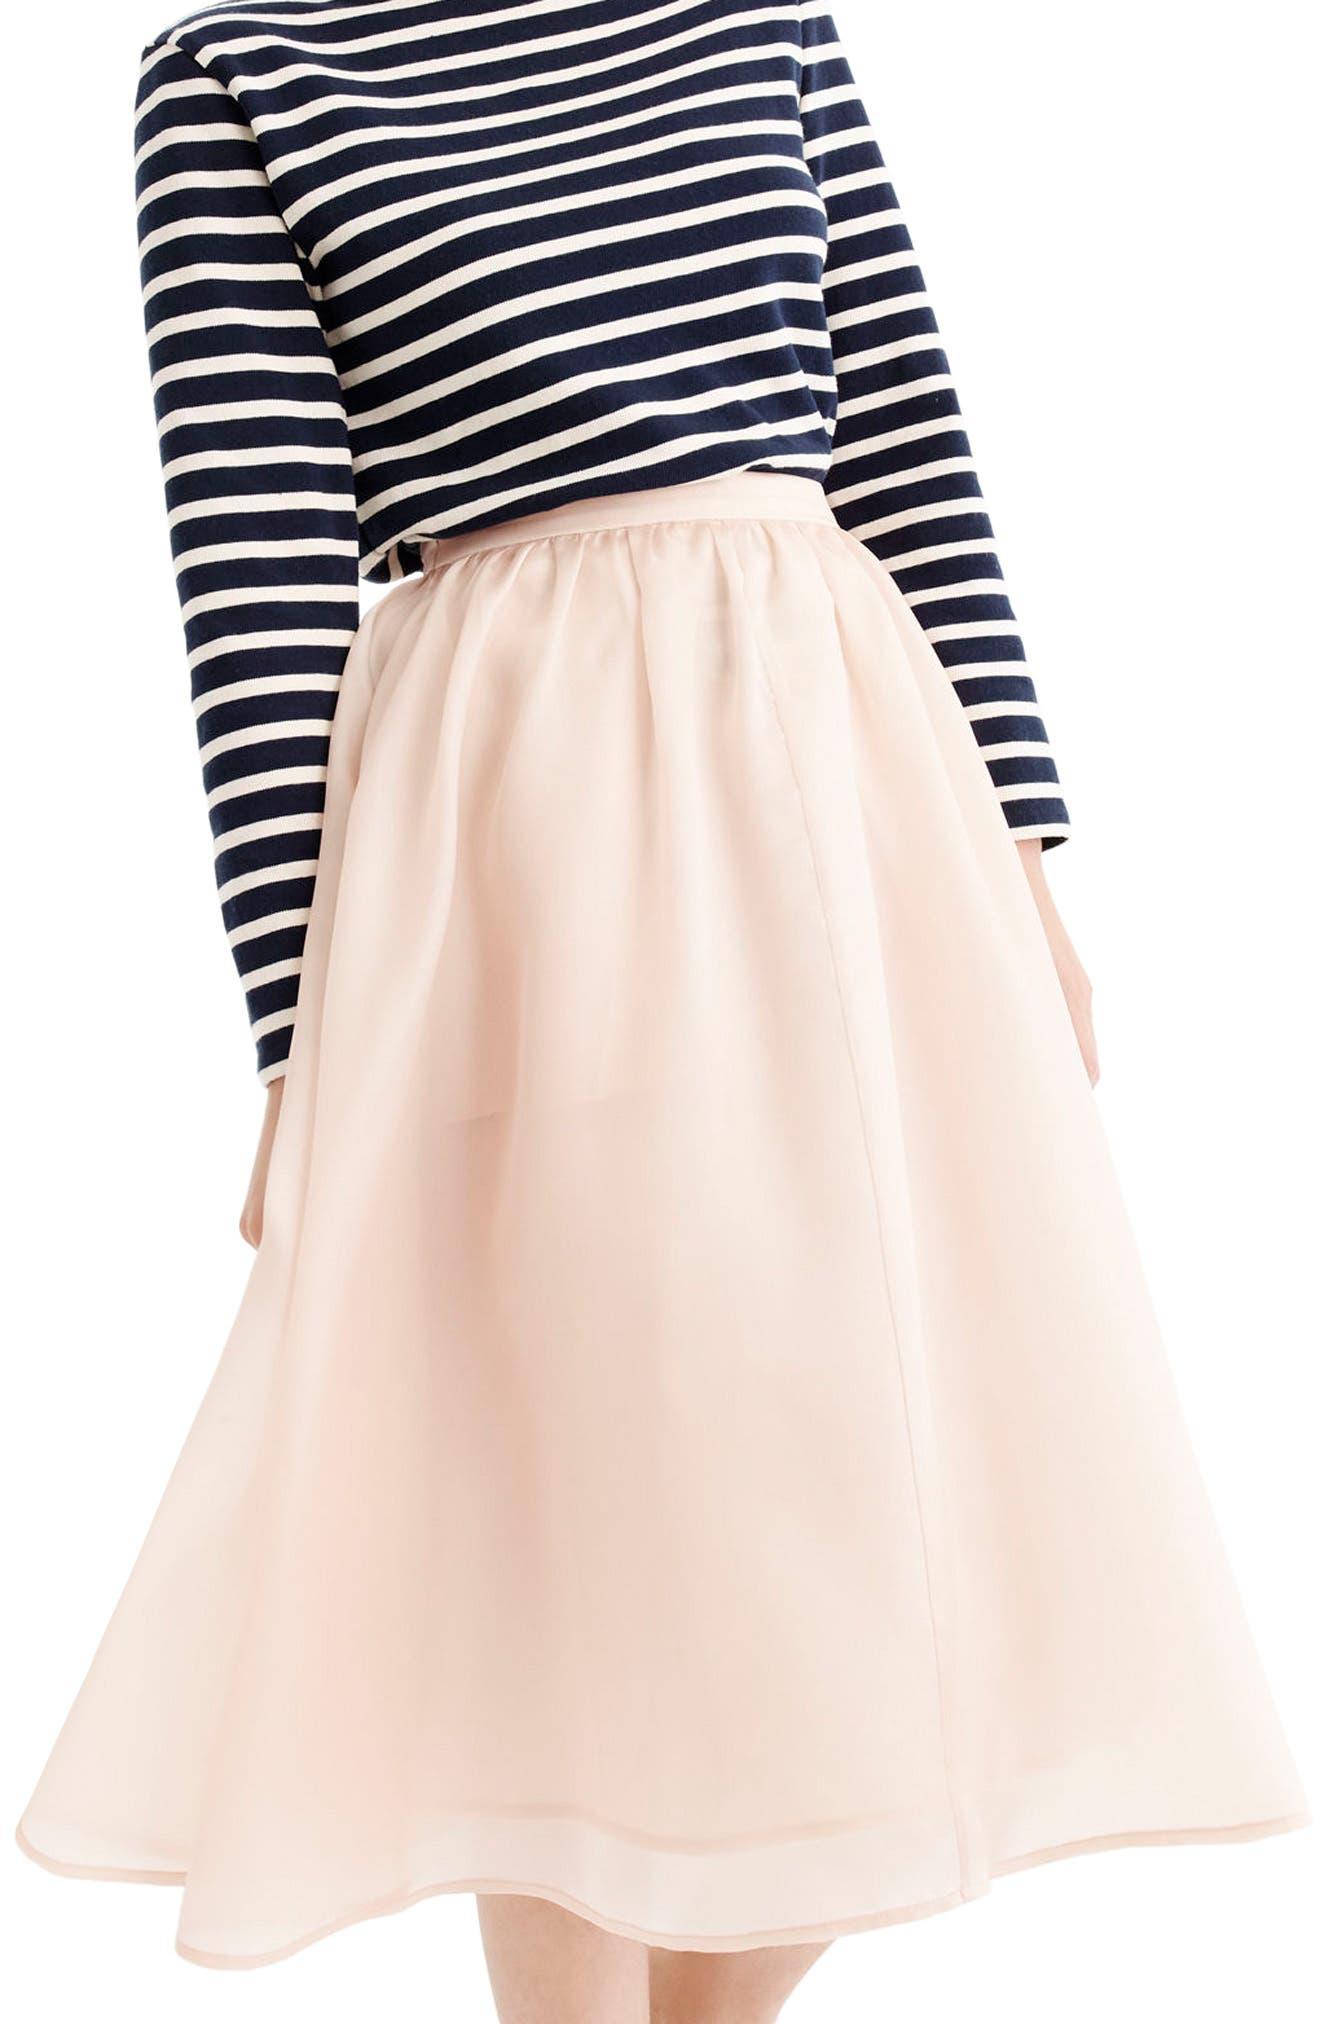 J.Crew Puffs Silk Organza Skirt